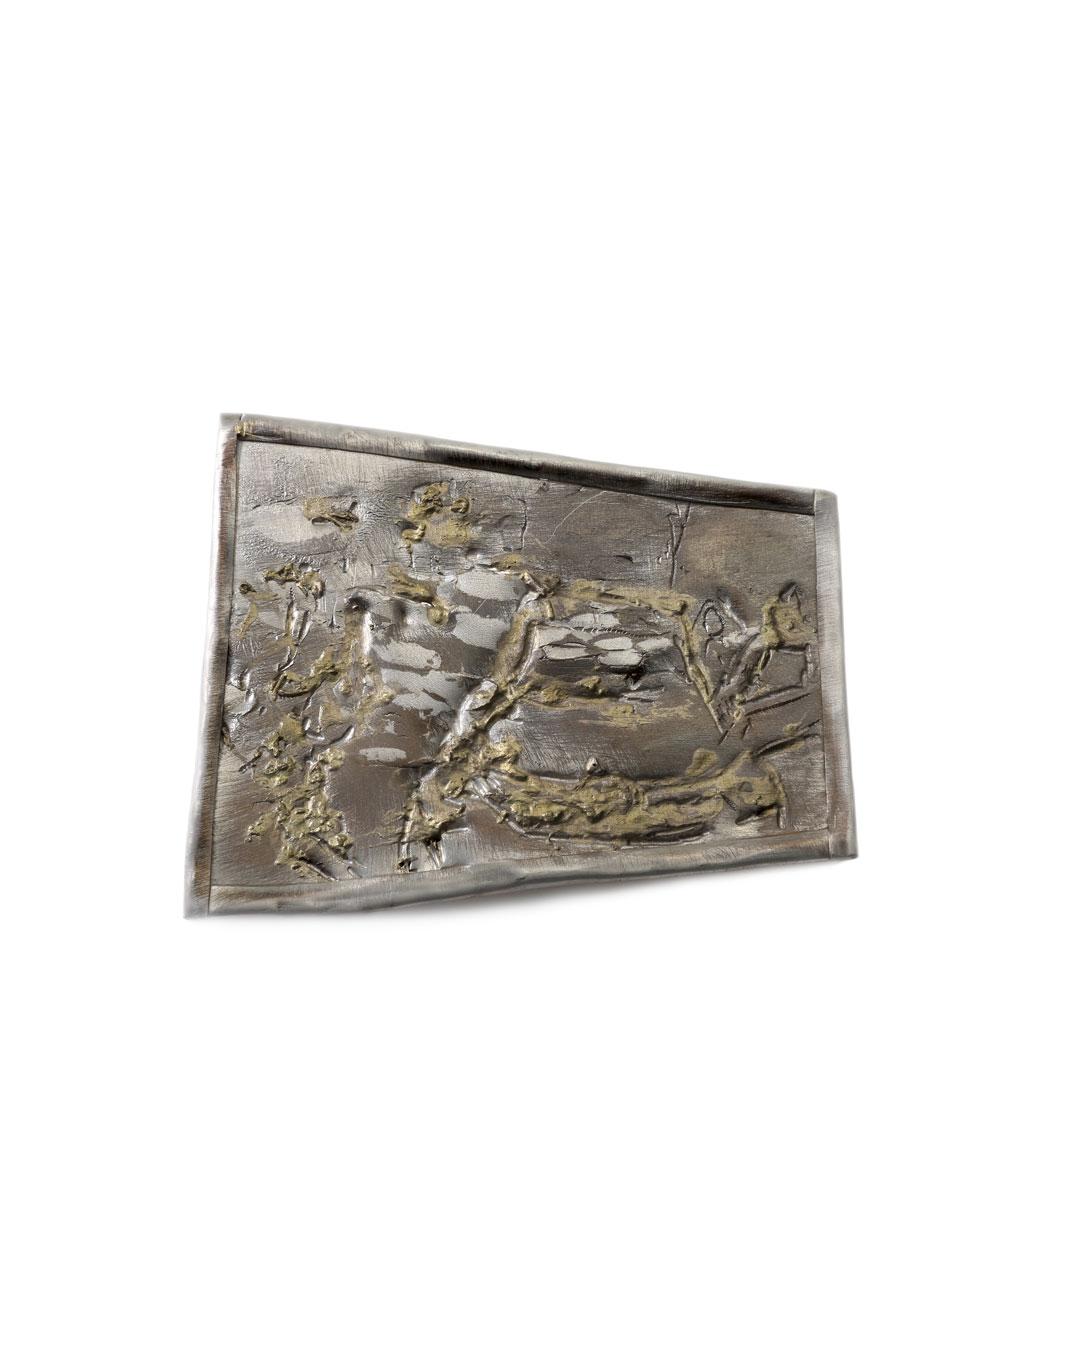 Rudolf Kocéa, Präsentation (Presentatie), 2016, broche; zilver, koper, goud, 107 x 130 mm, €2200